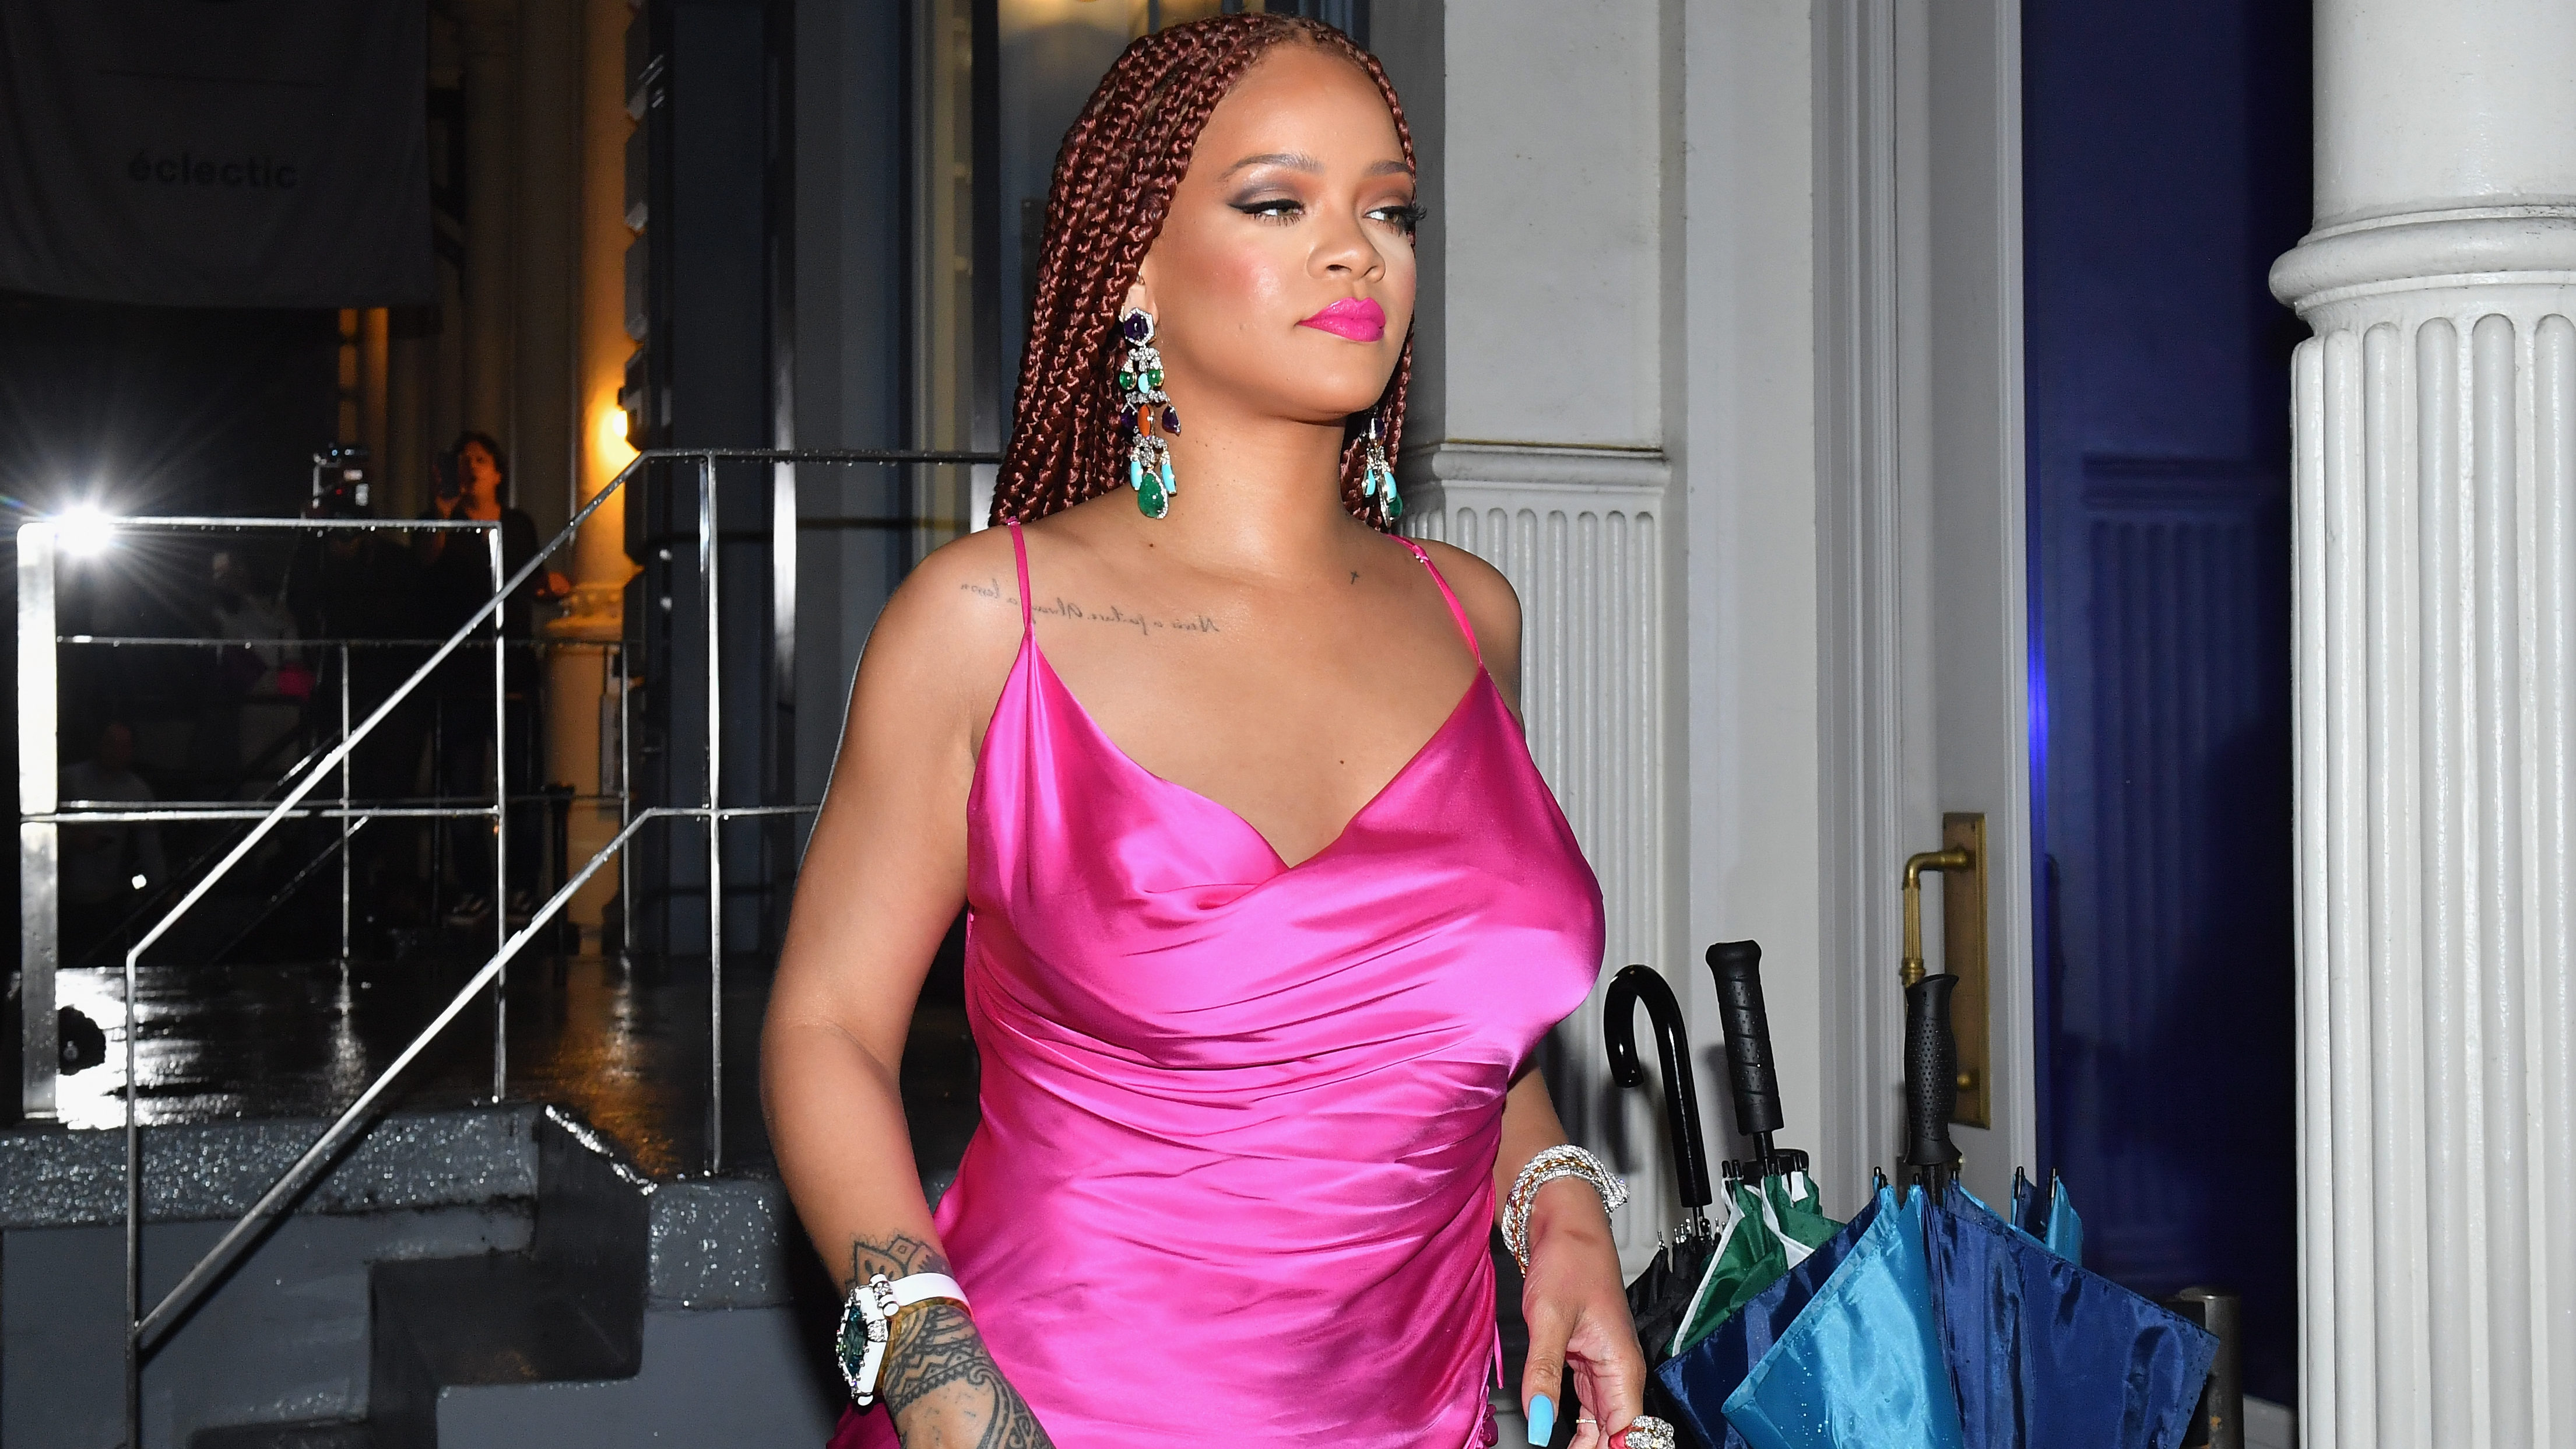 Präsentiert at Präsentiert SchaufensterpuppenKrone Kurvige SchaufensterpuppenKrone Rihanna Rihanna at Rihanna Kurvige Präsentiert SchaufensterpuppenKrone Kurvige n0v8wNOm